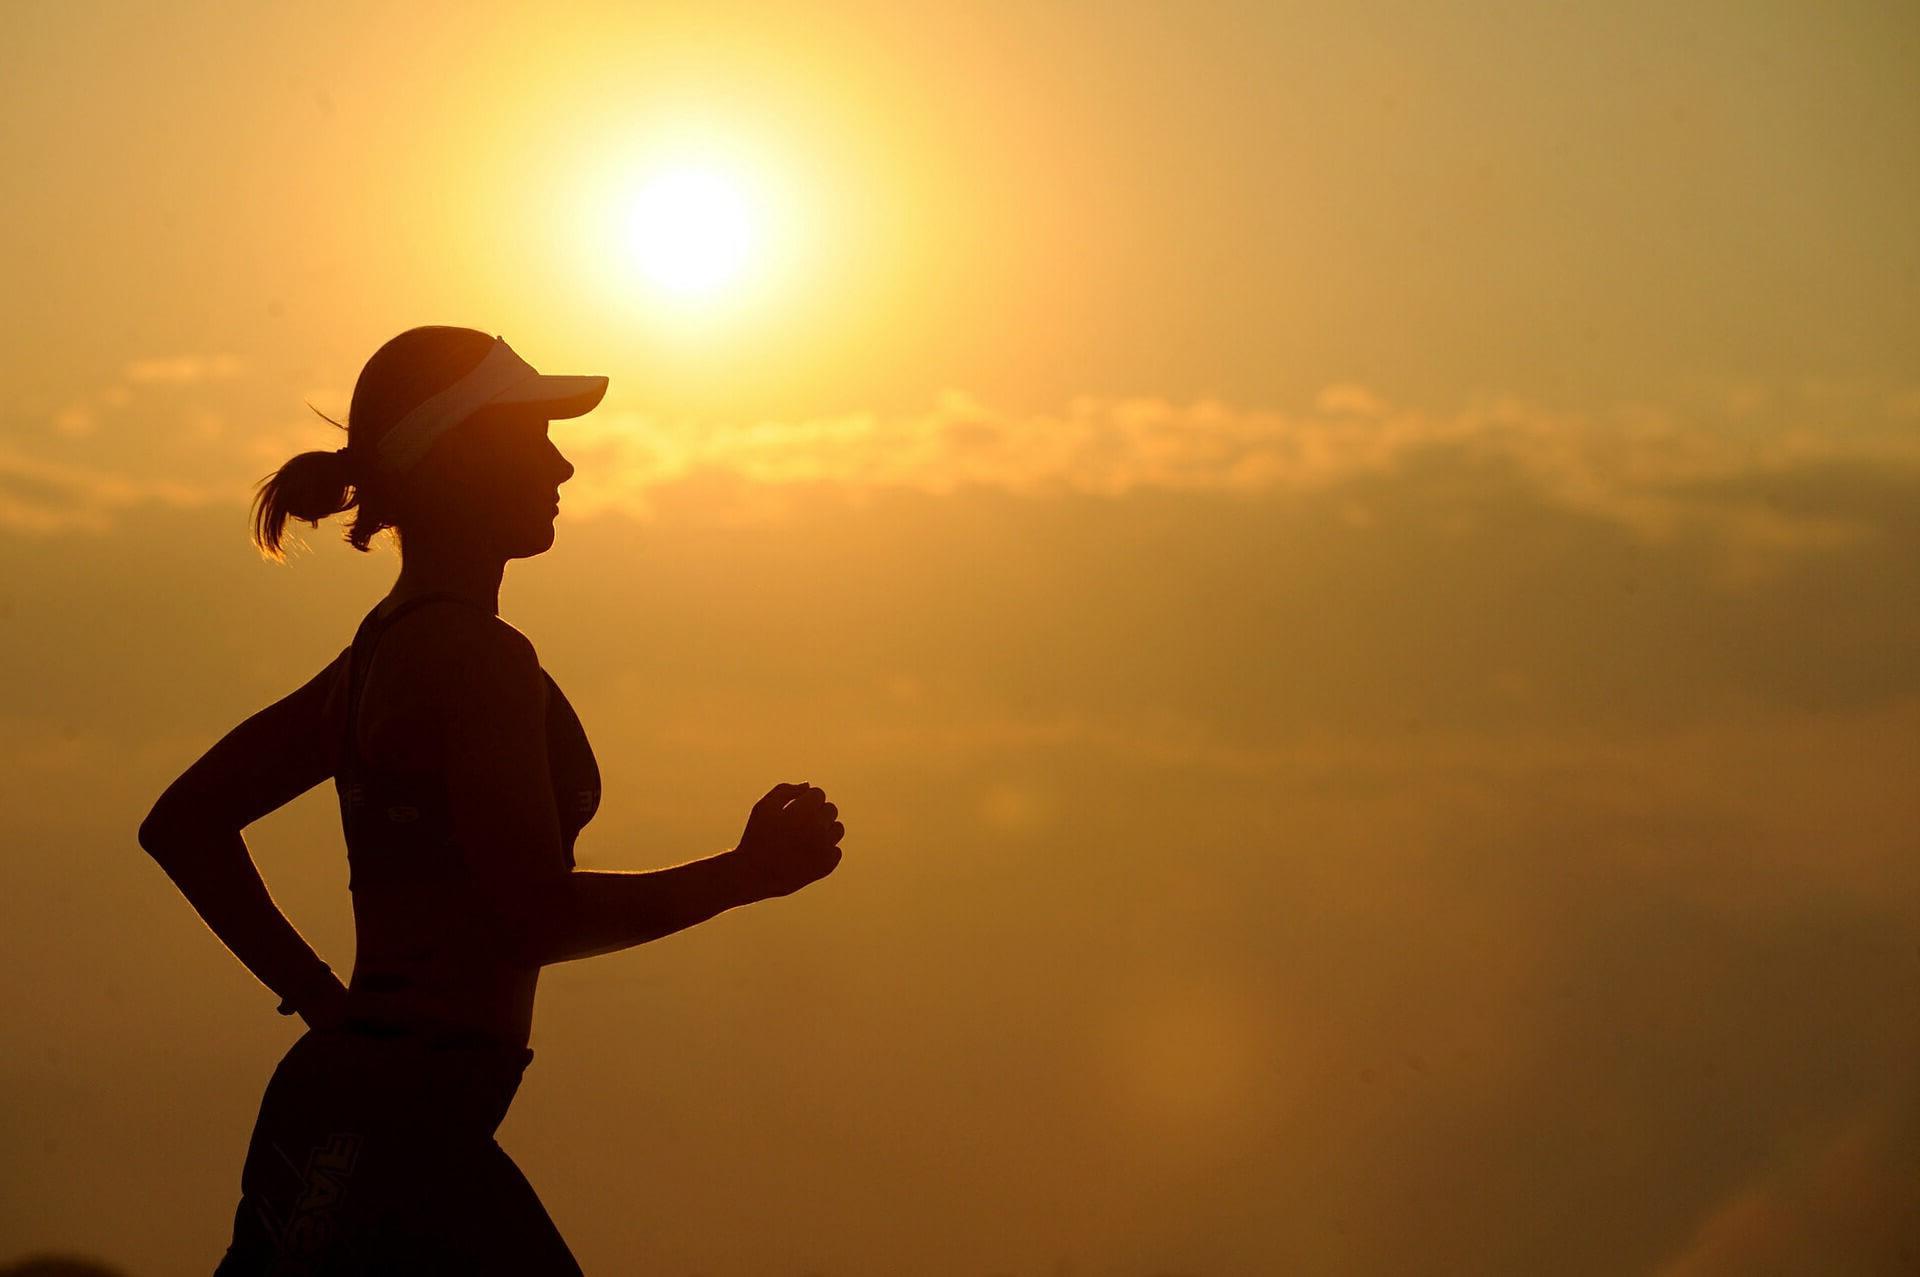 女性, ランナー, 運動, 実行しています。, 太陽, サンセット, シャドウ - HD の壁紙 - 教授-falken.com